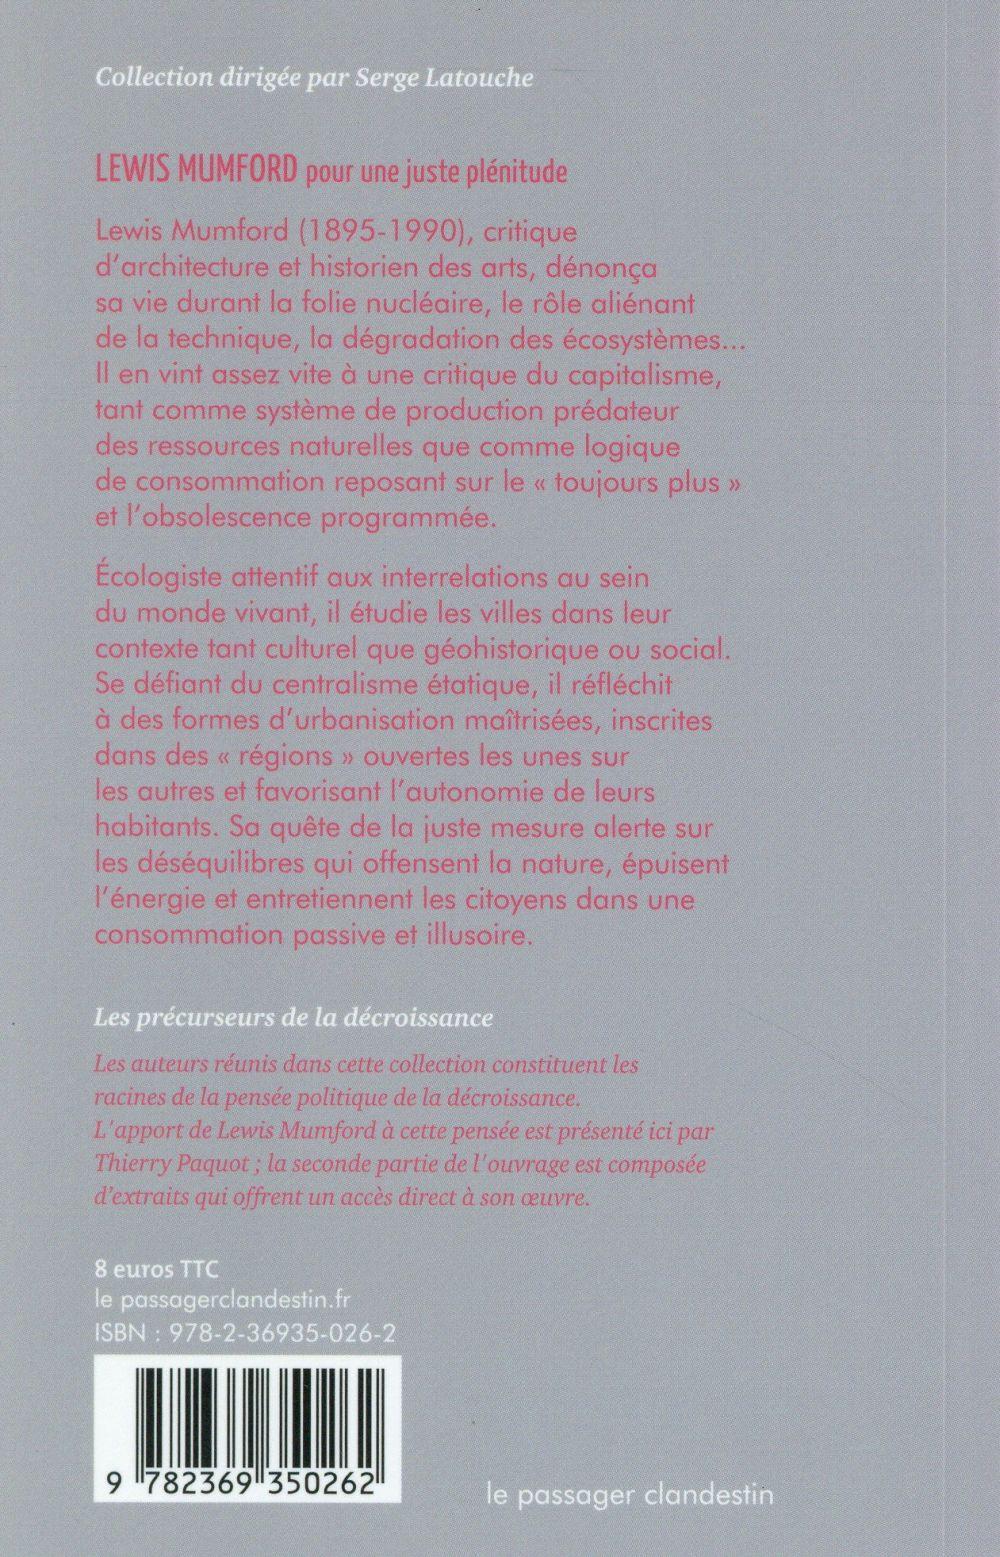 Lewis Mumford, pour une juste plénitude